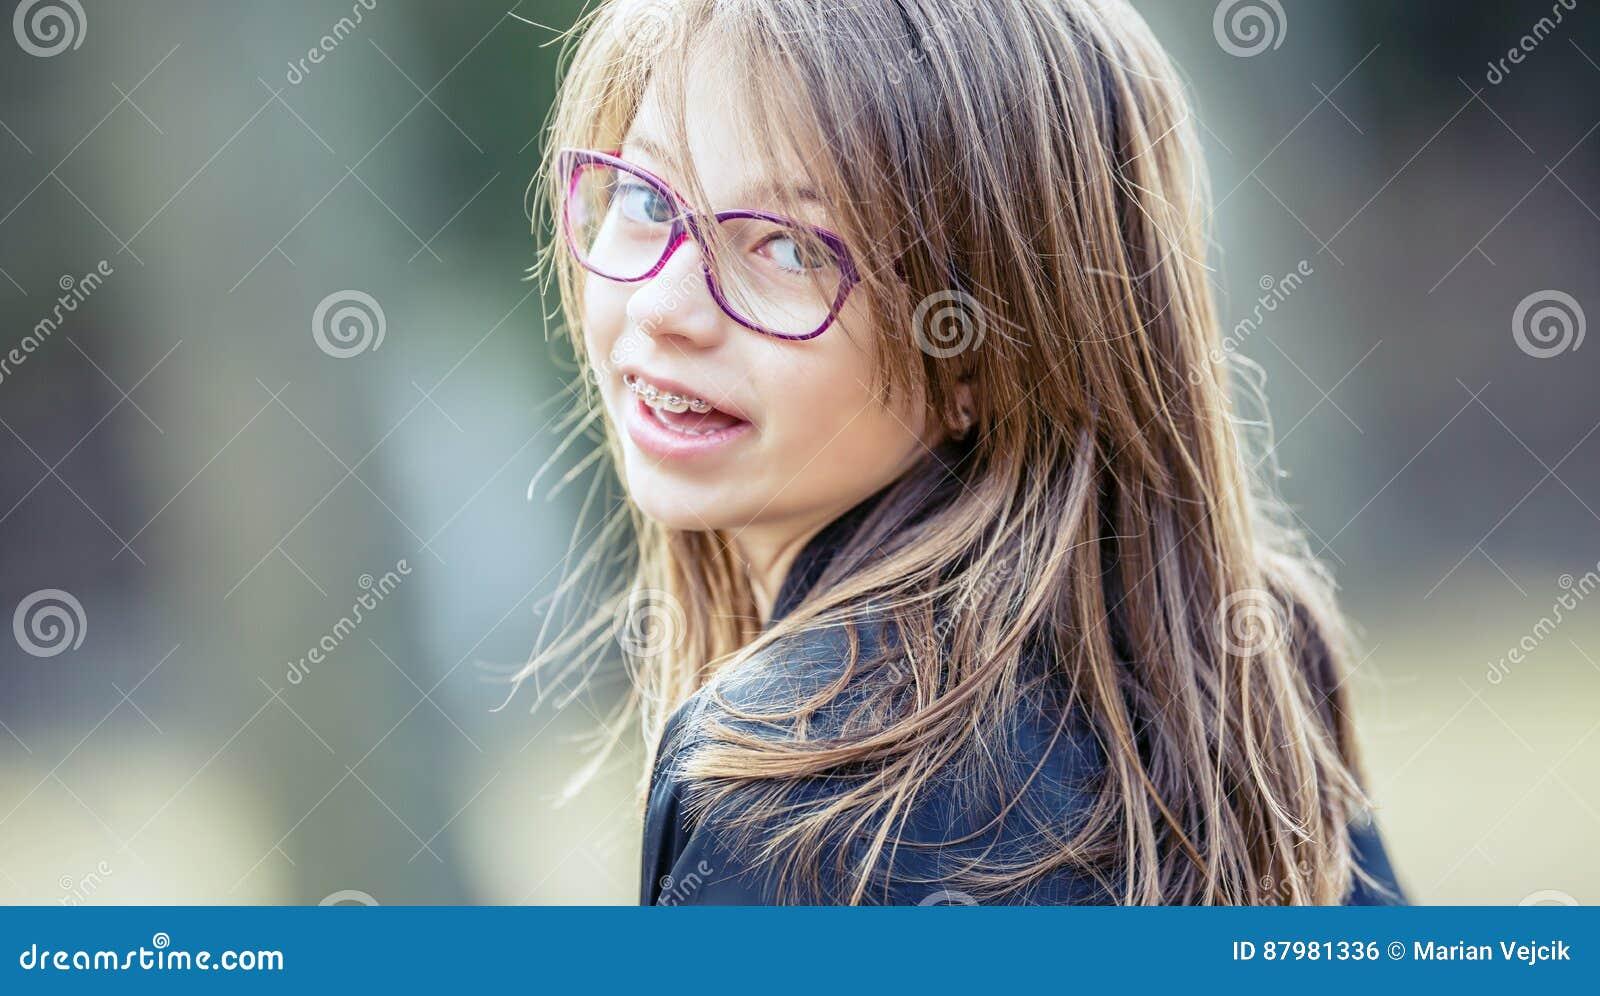 Mädchen jugendlich Vor jugendlich Mädchen mit Gläsern Mädchen mit Zahnklammern Tragende Zahnklammern und -gläser des jungen nette